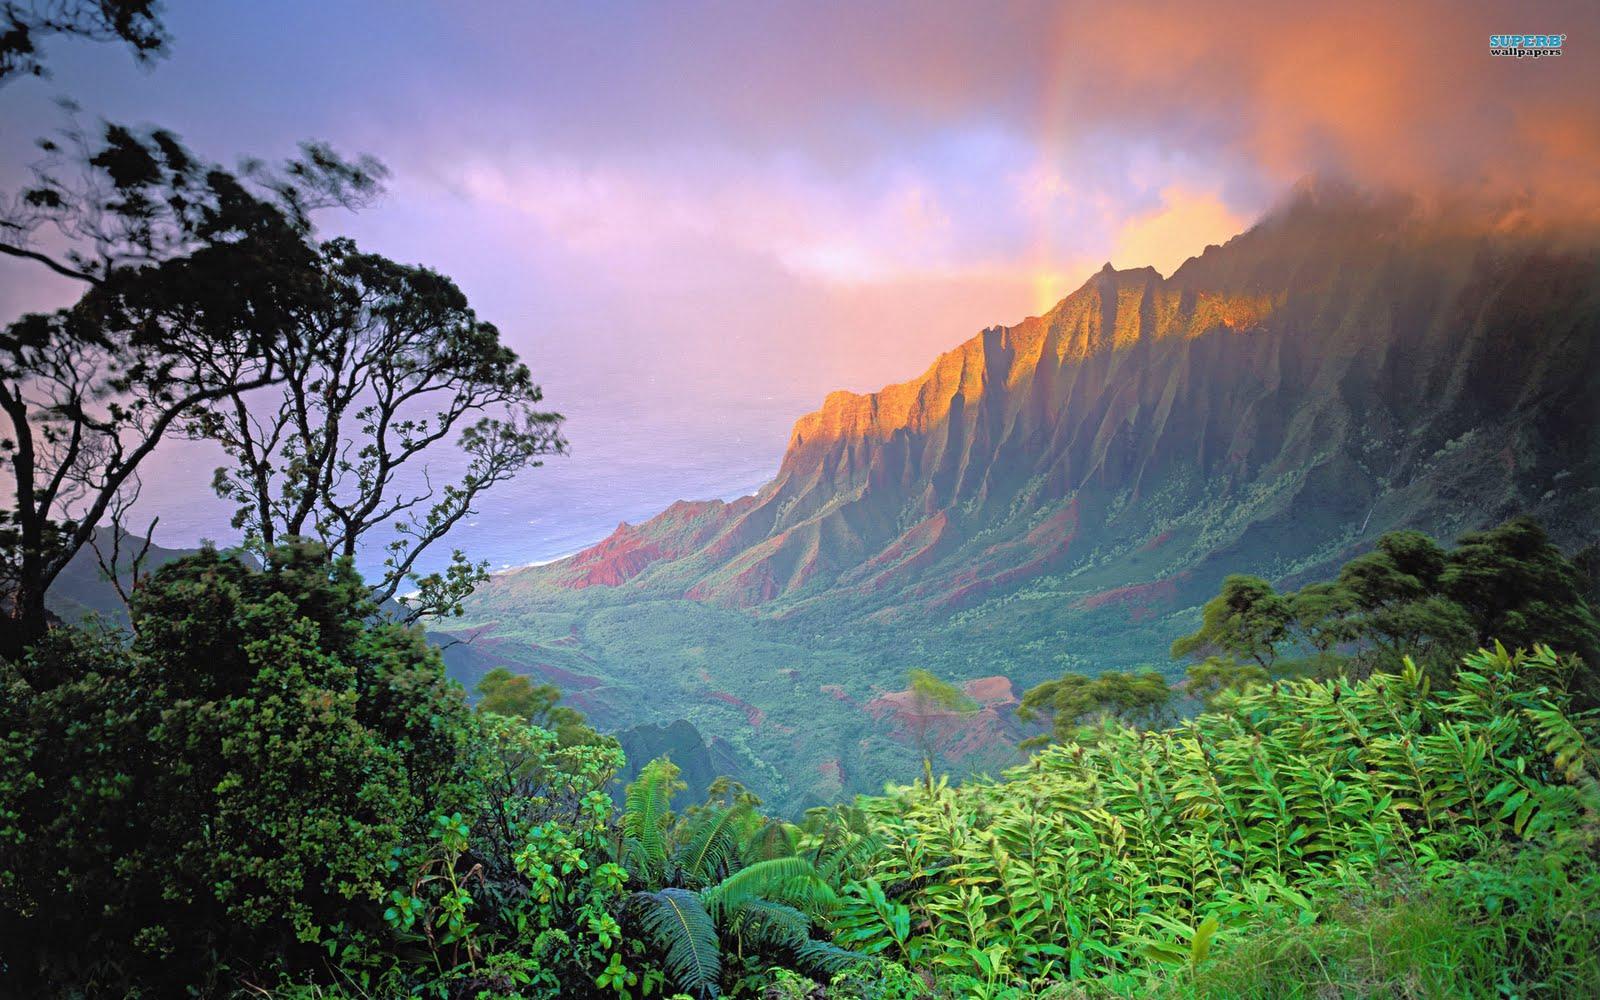 http://2.bp.blogspot.com/-bMhRAyOtkWs/TcwSu750zPI/AAAAAAAANNw/oYToNtc9pE8/s1600/hawaii-1851-1920x1200.jpg